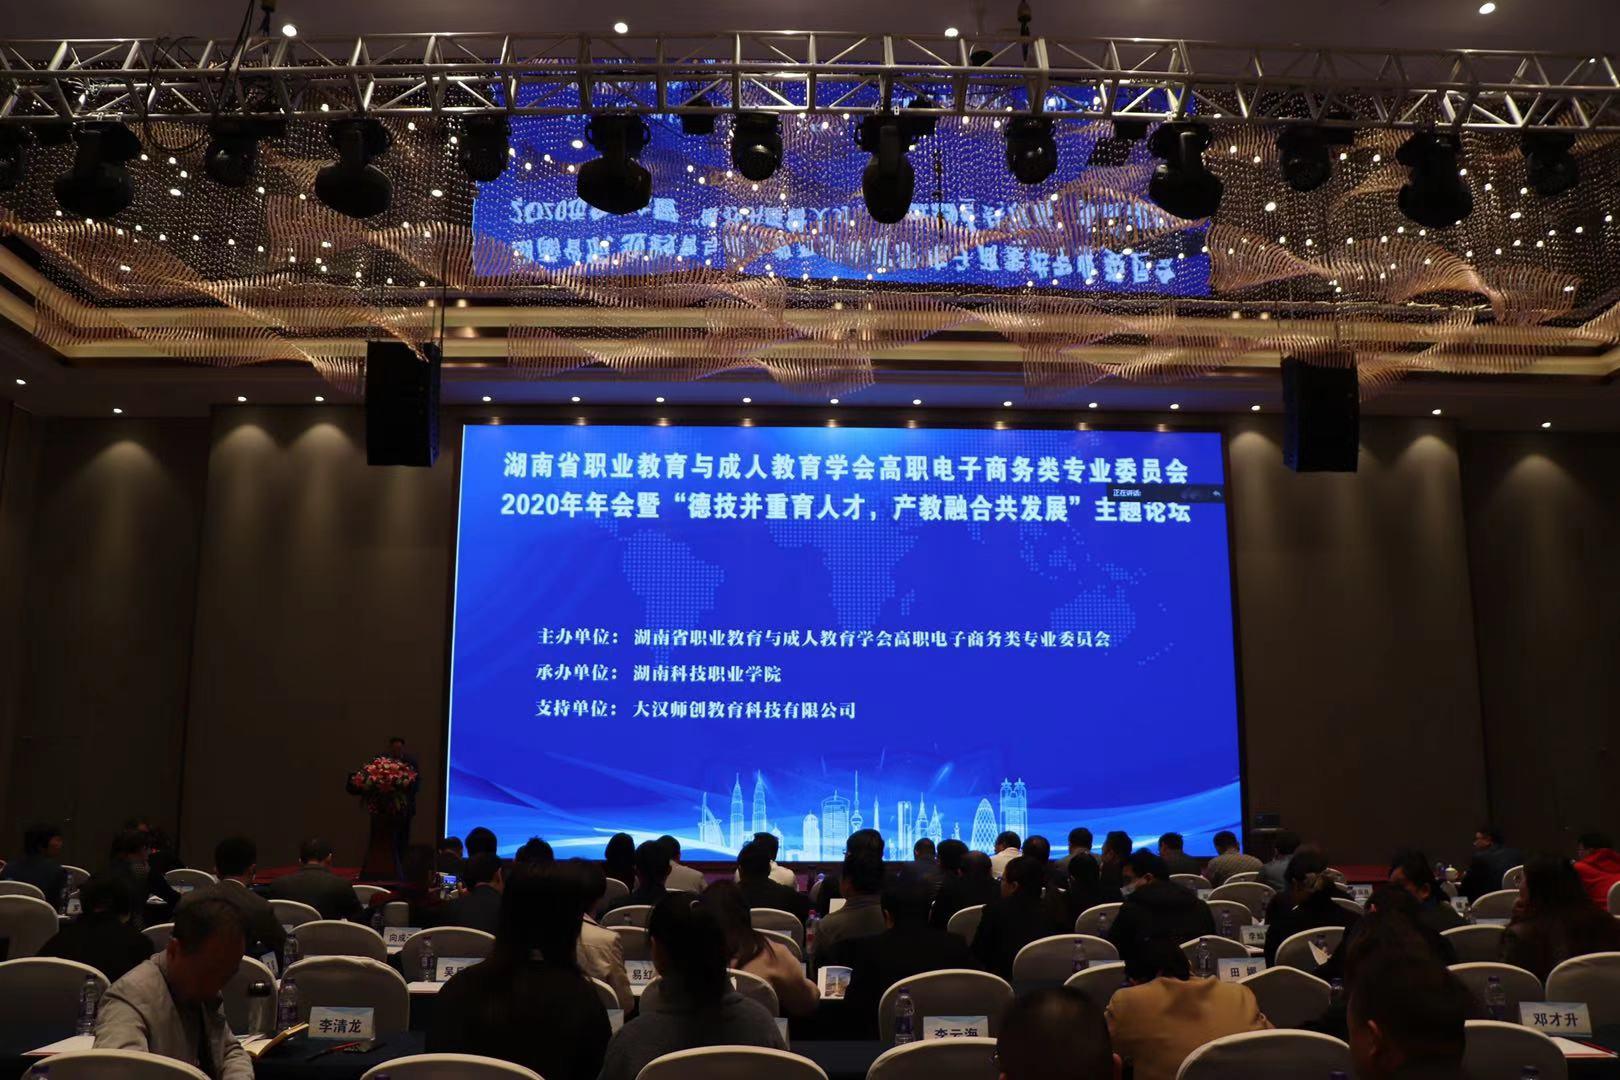 湖南省职成教育学会高职电商专委会2020年年会圆满落幕!